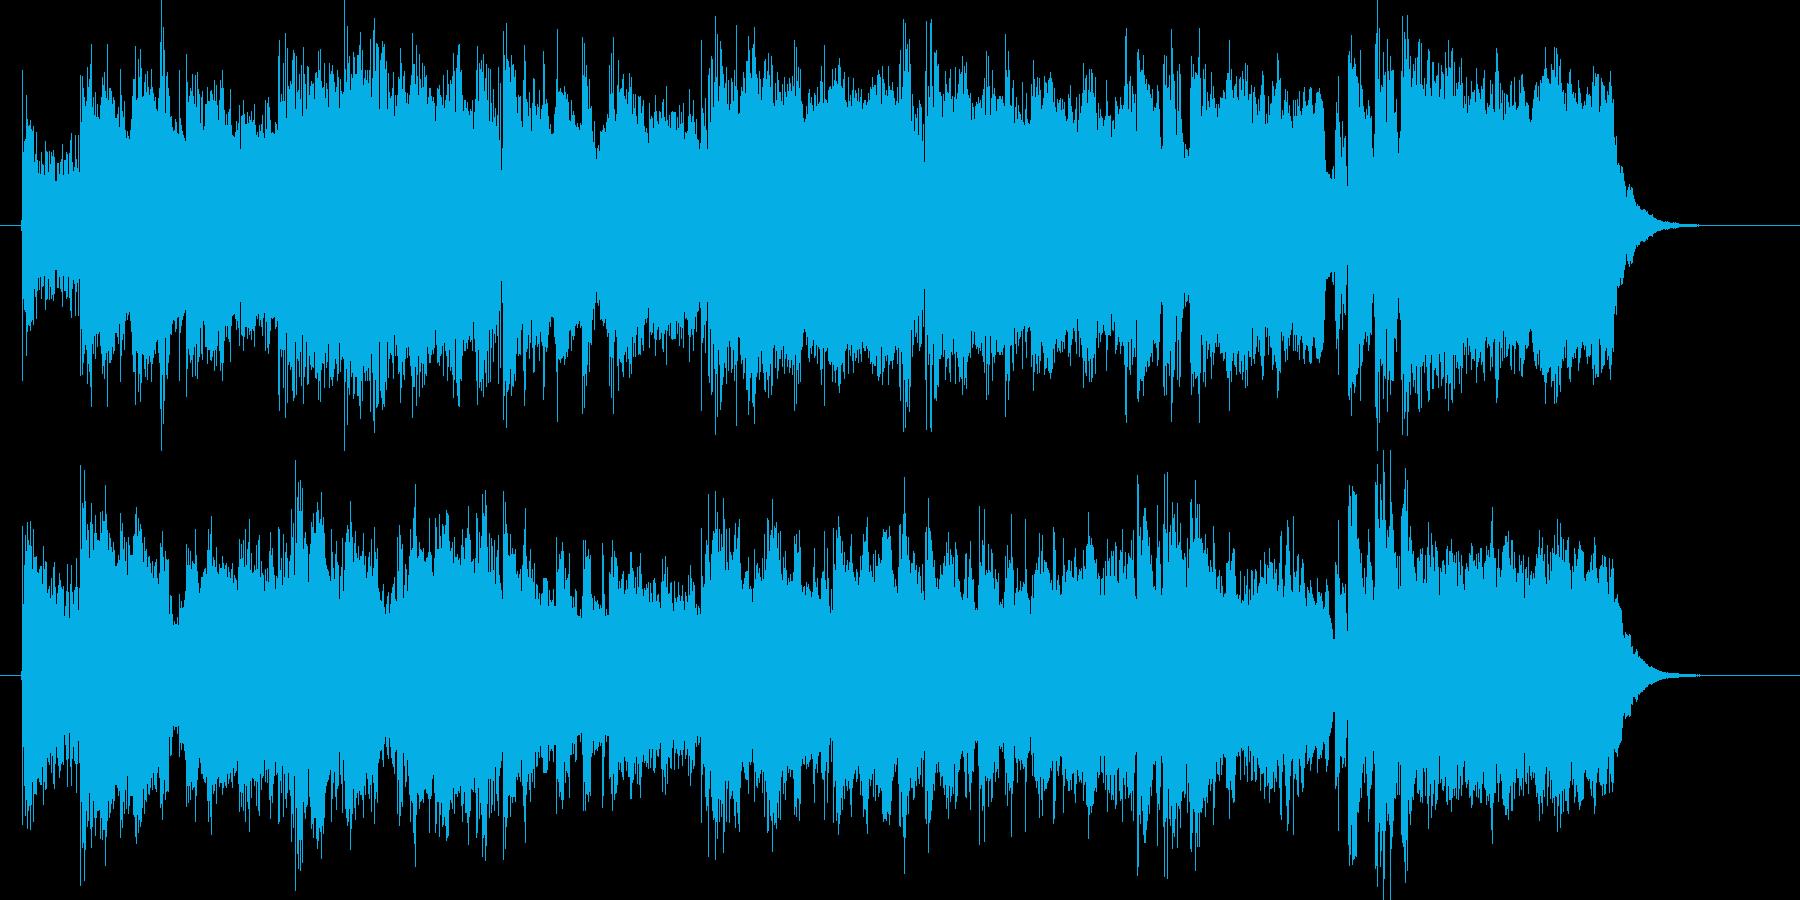 盛大で軽快なトランペットジングルの再生済みの波形